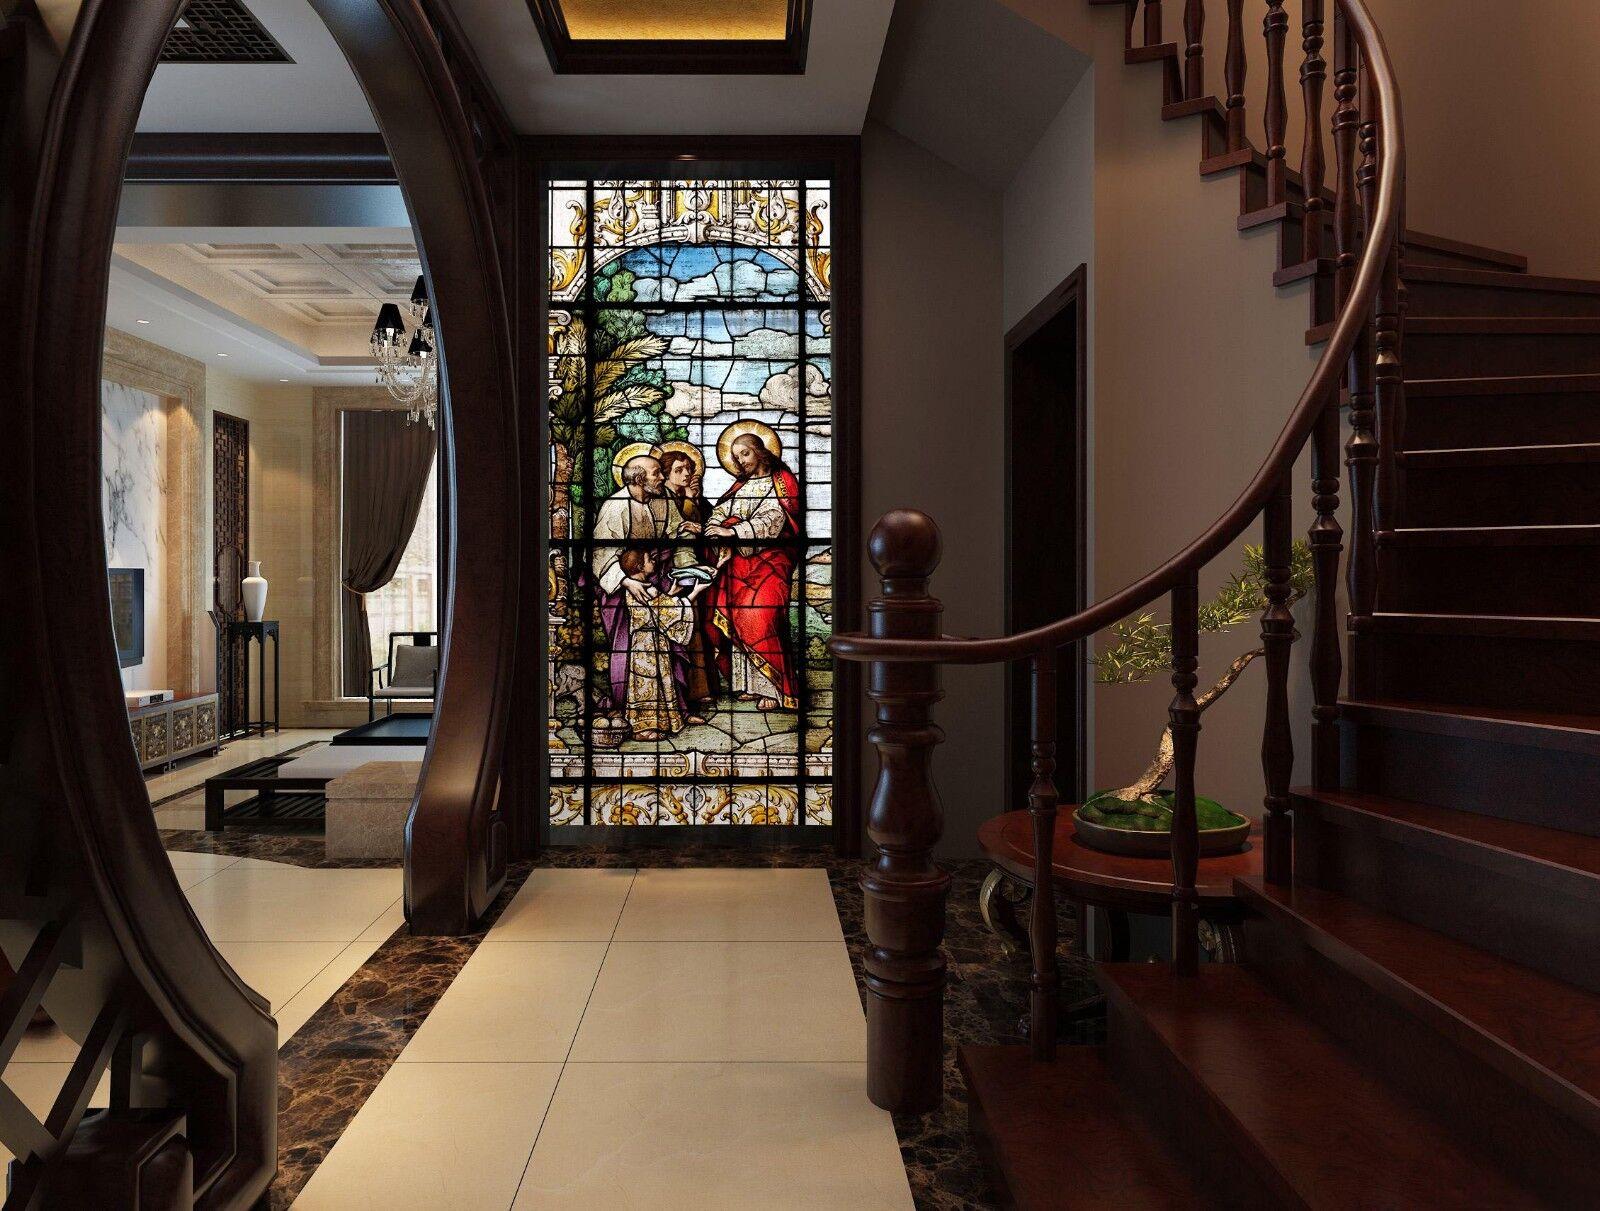 3D Kirche Gott Glas 7 Fototapeten Fototapeten Fototapeten Wandbild Fototapete Bild Tapete Familie Kinder | Sale  | Charmantes Design  |  9ff9a6